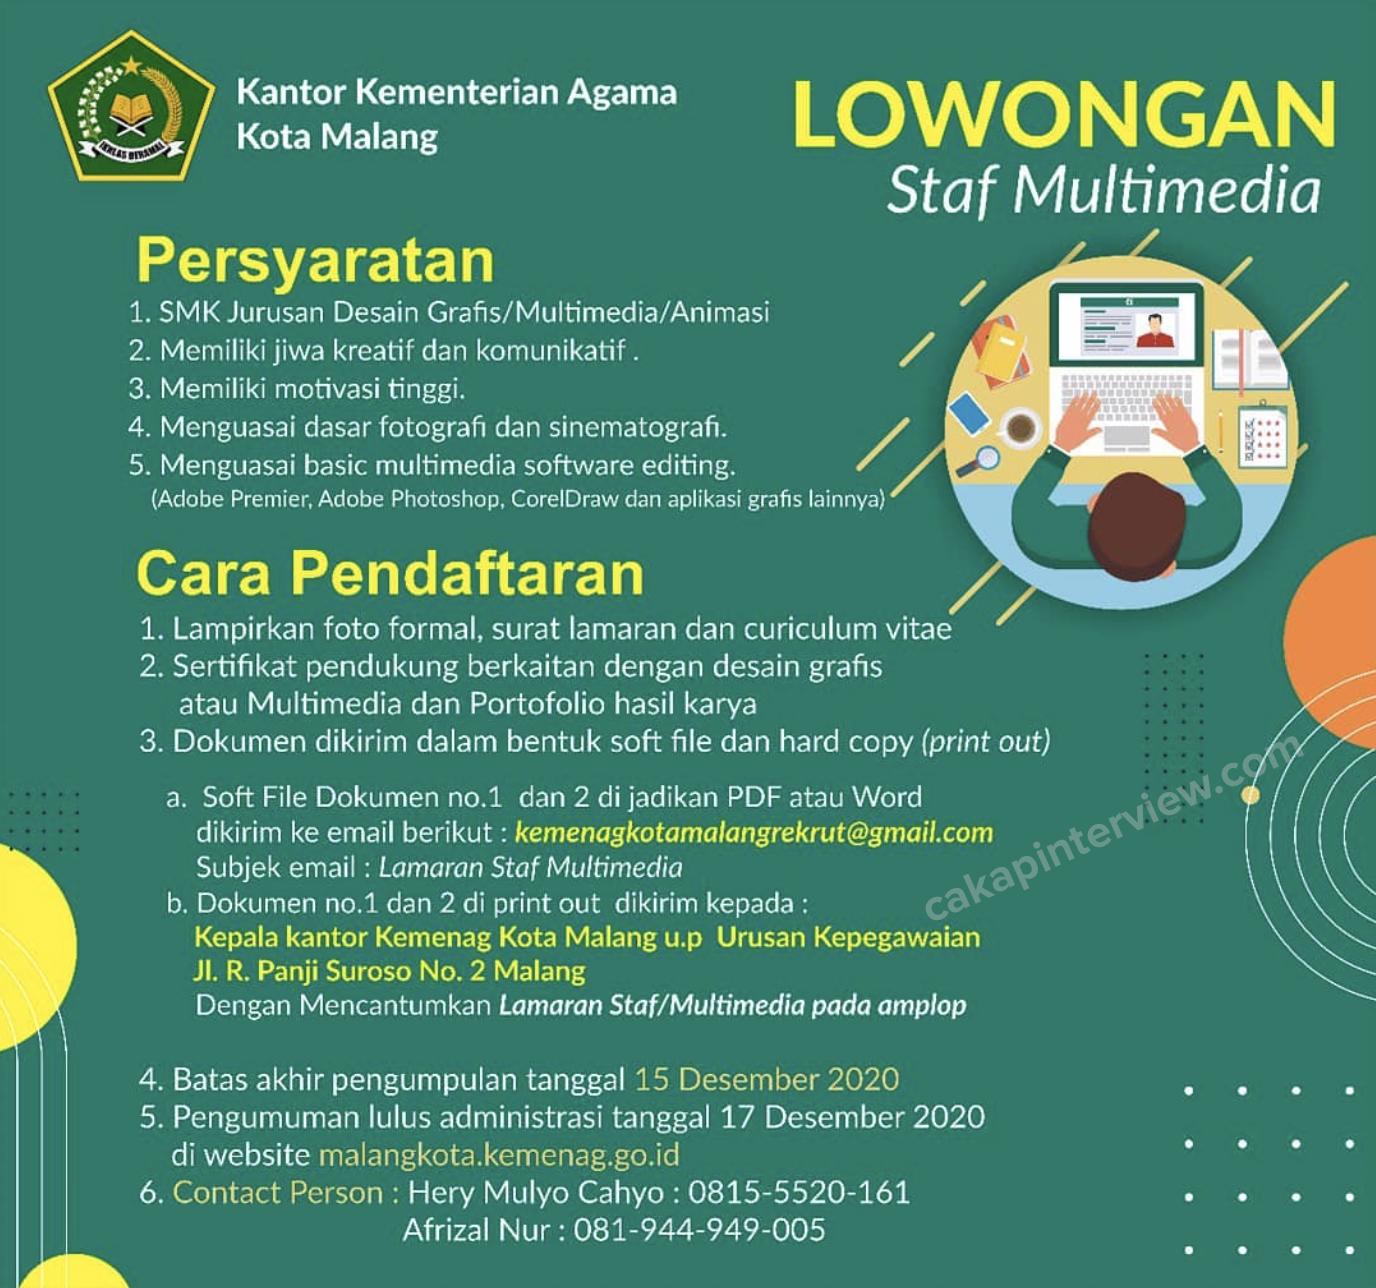 Lowongan Kerja Lowongan Kerja Sma Smk Kementerian Agama Kota Malang Desember 2020